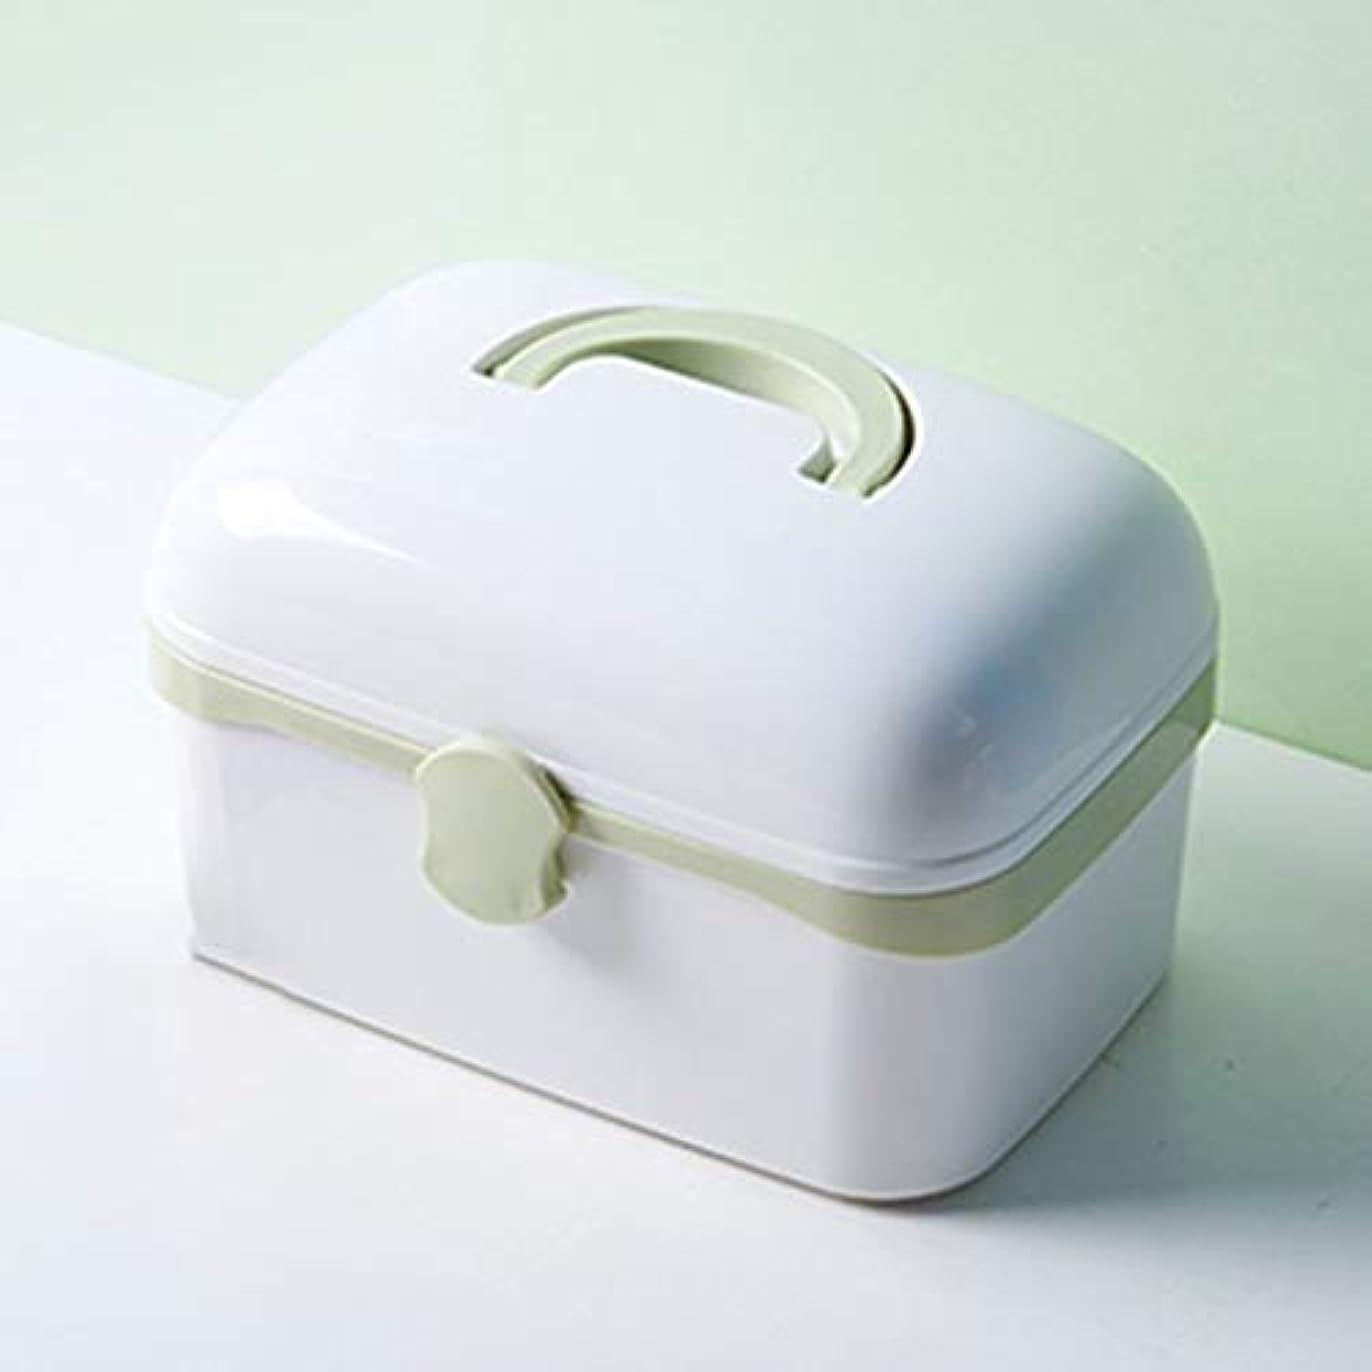 スパン復活する累積多層大型家庭用携帯用薬箱プラスチック救急箱オプション3色 LXMSP (Color : Green)